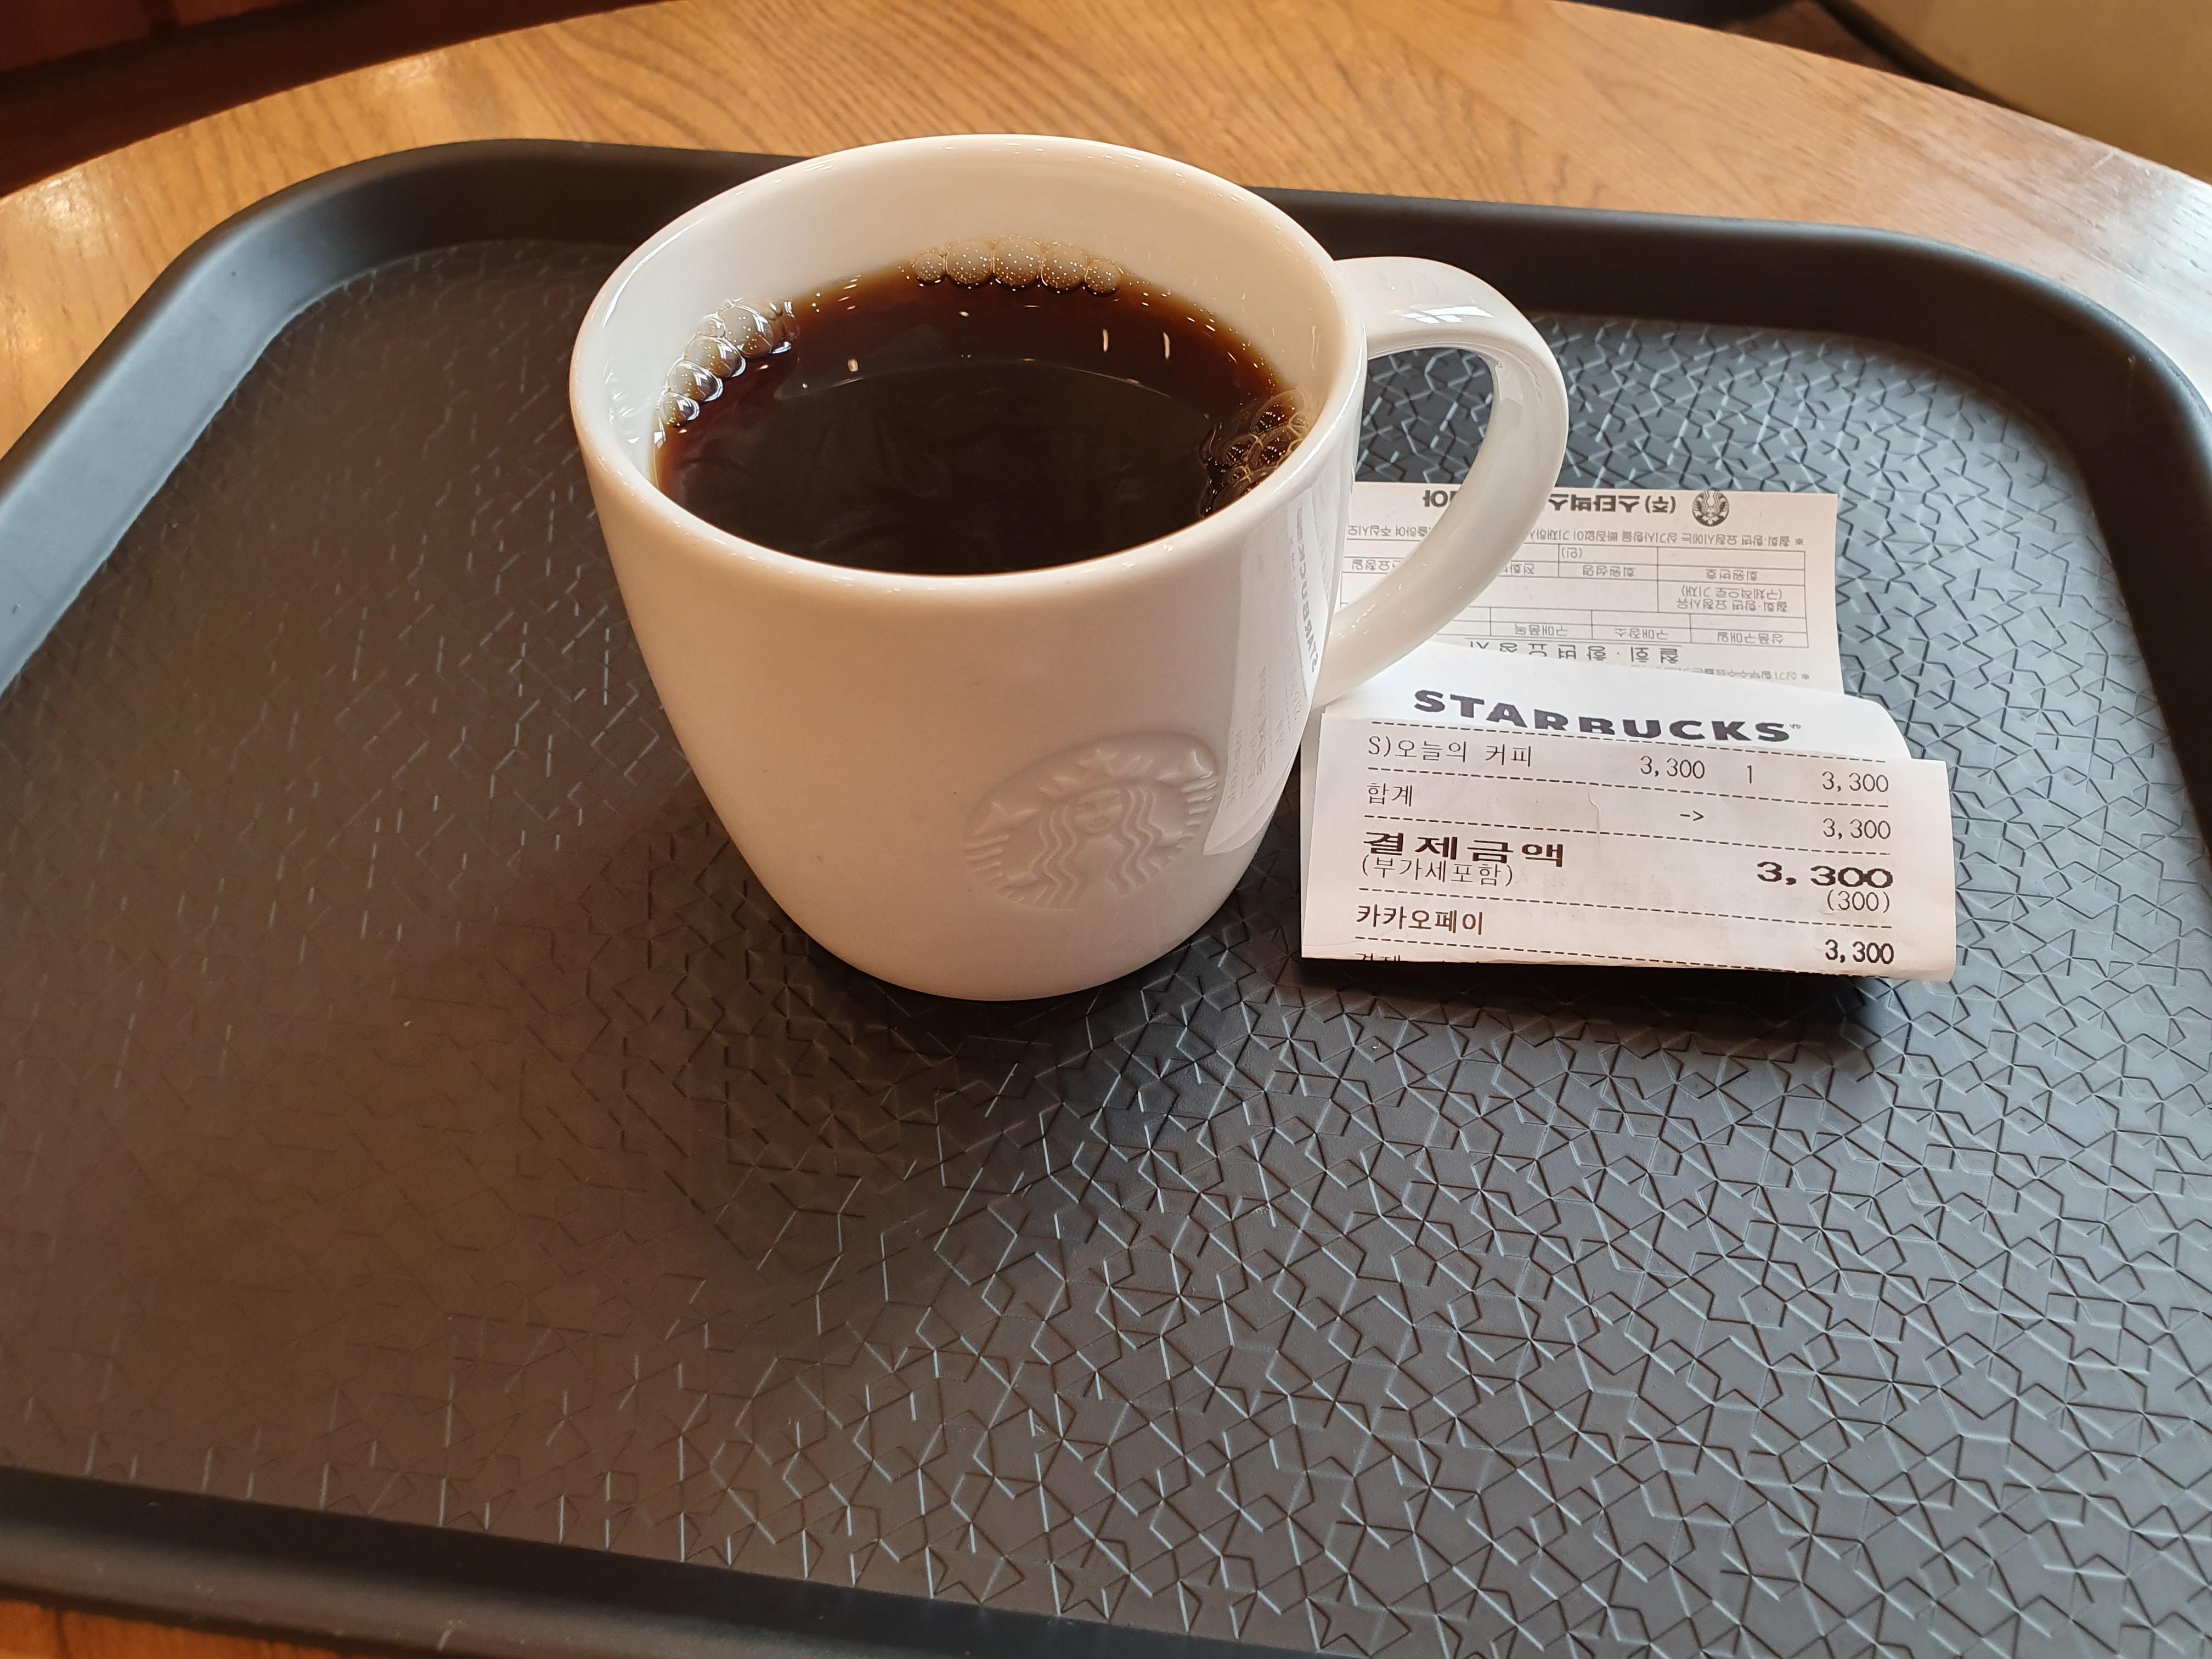 스타벅스 '오늘의 커피' 스몰사이즈 (3,300원)